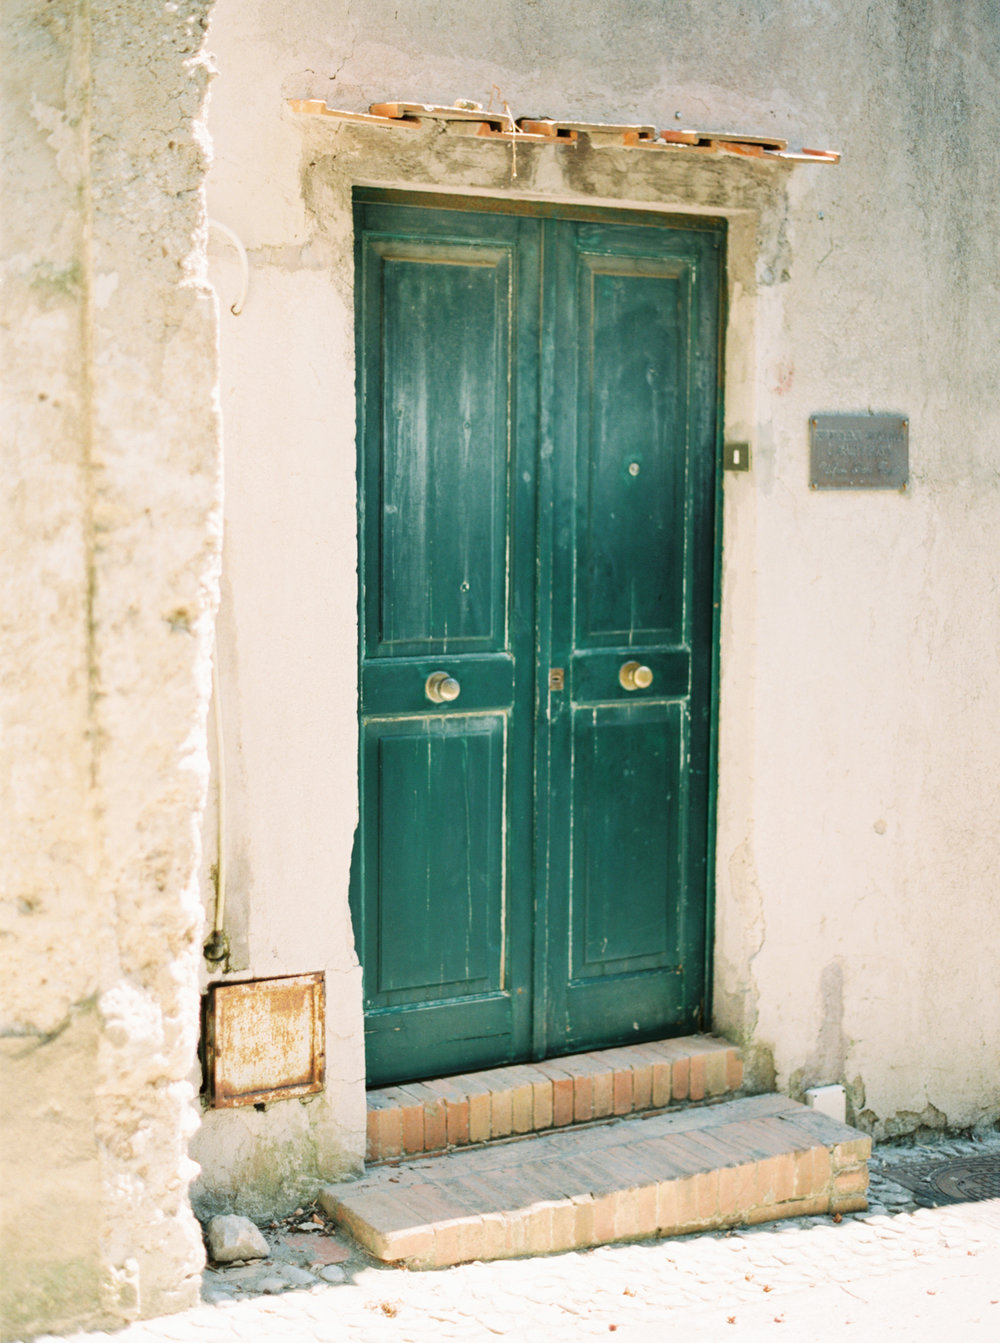 Erich-Mcvey-Capri-Coco-Lane.jpg-3.jpg